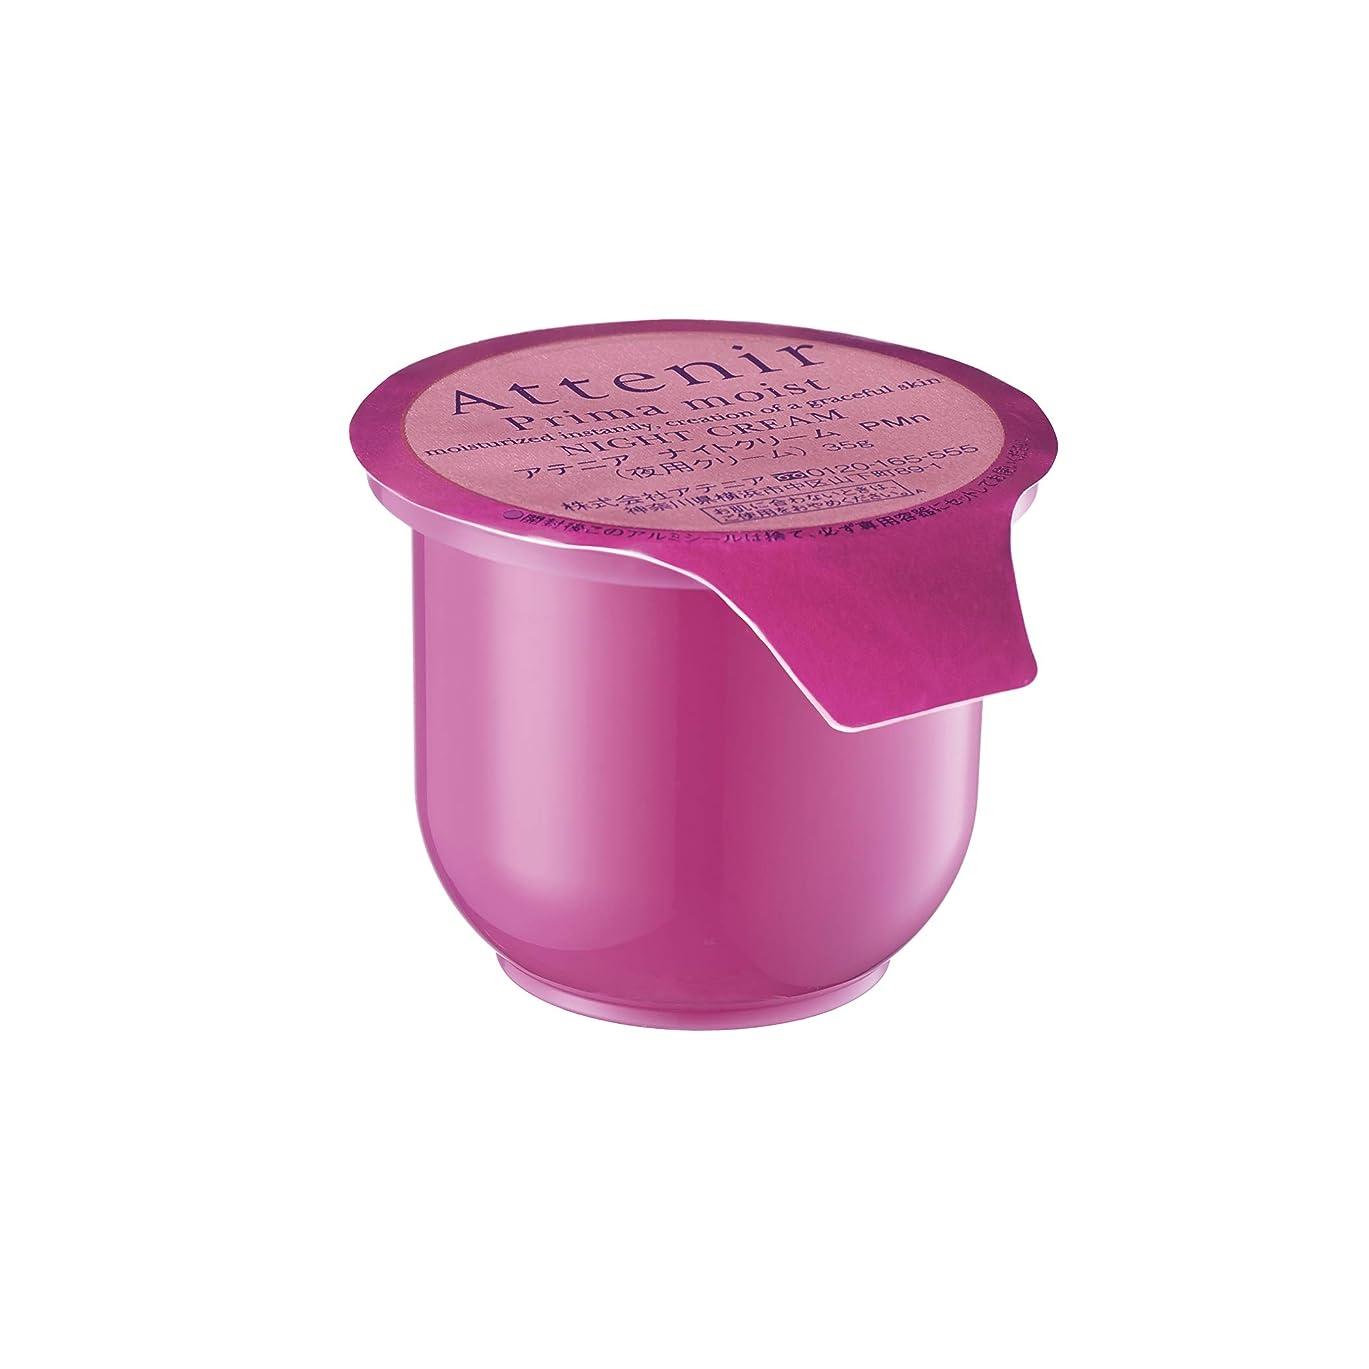 比較蓋プライムアテニア プリマモイスト ナイトクリーム アロマ レフィル(詰替用)保湿クリーム 夜用 35g